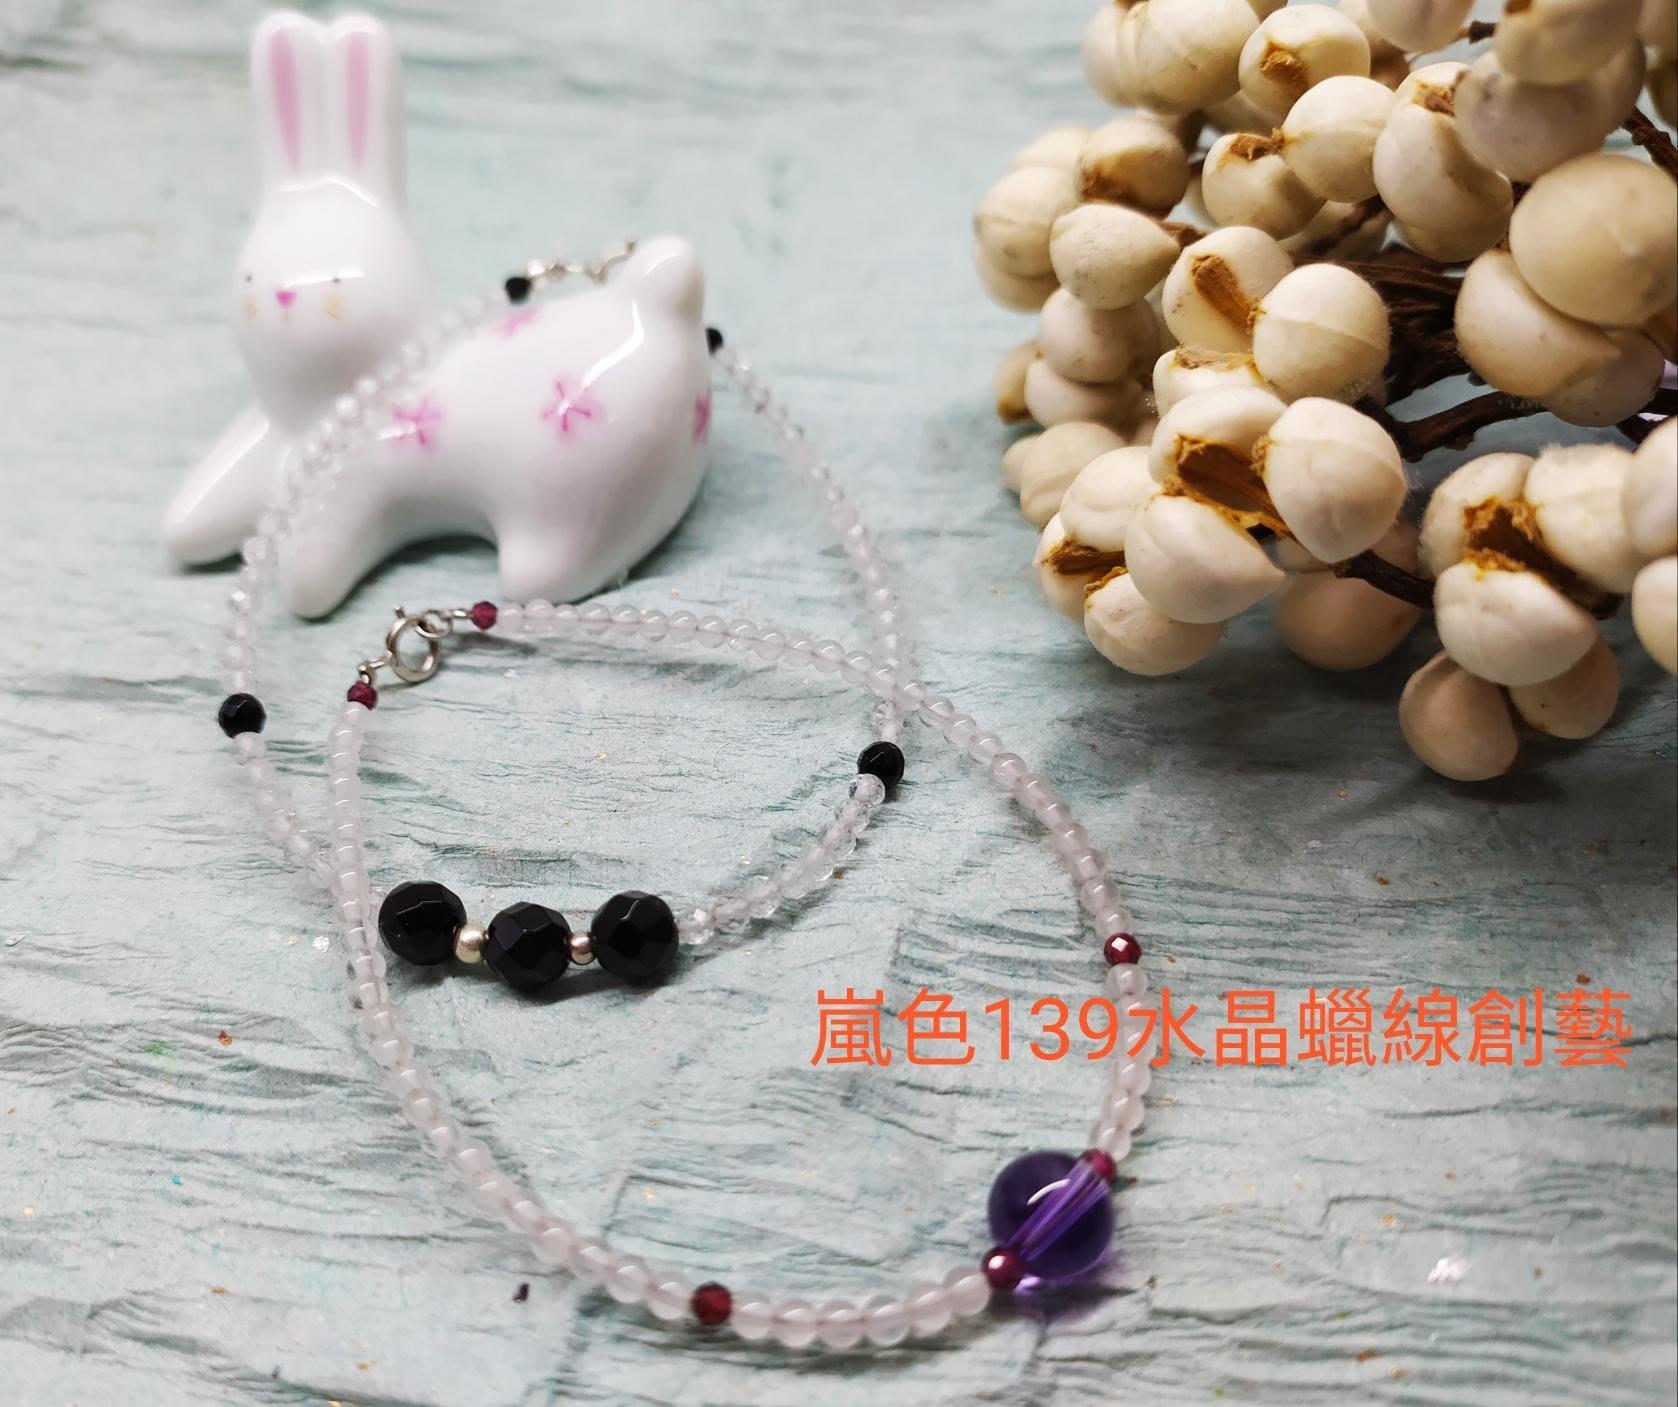 *嵐色1319水晶蠟線創藝*天然白水晶搭配紫水晶設計款手環(B-130)